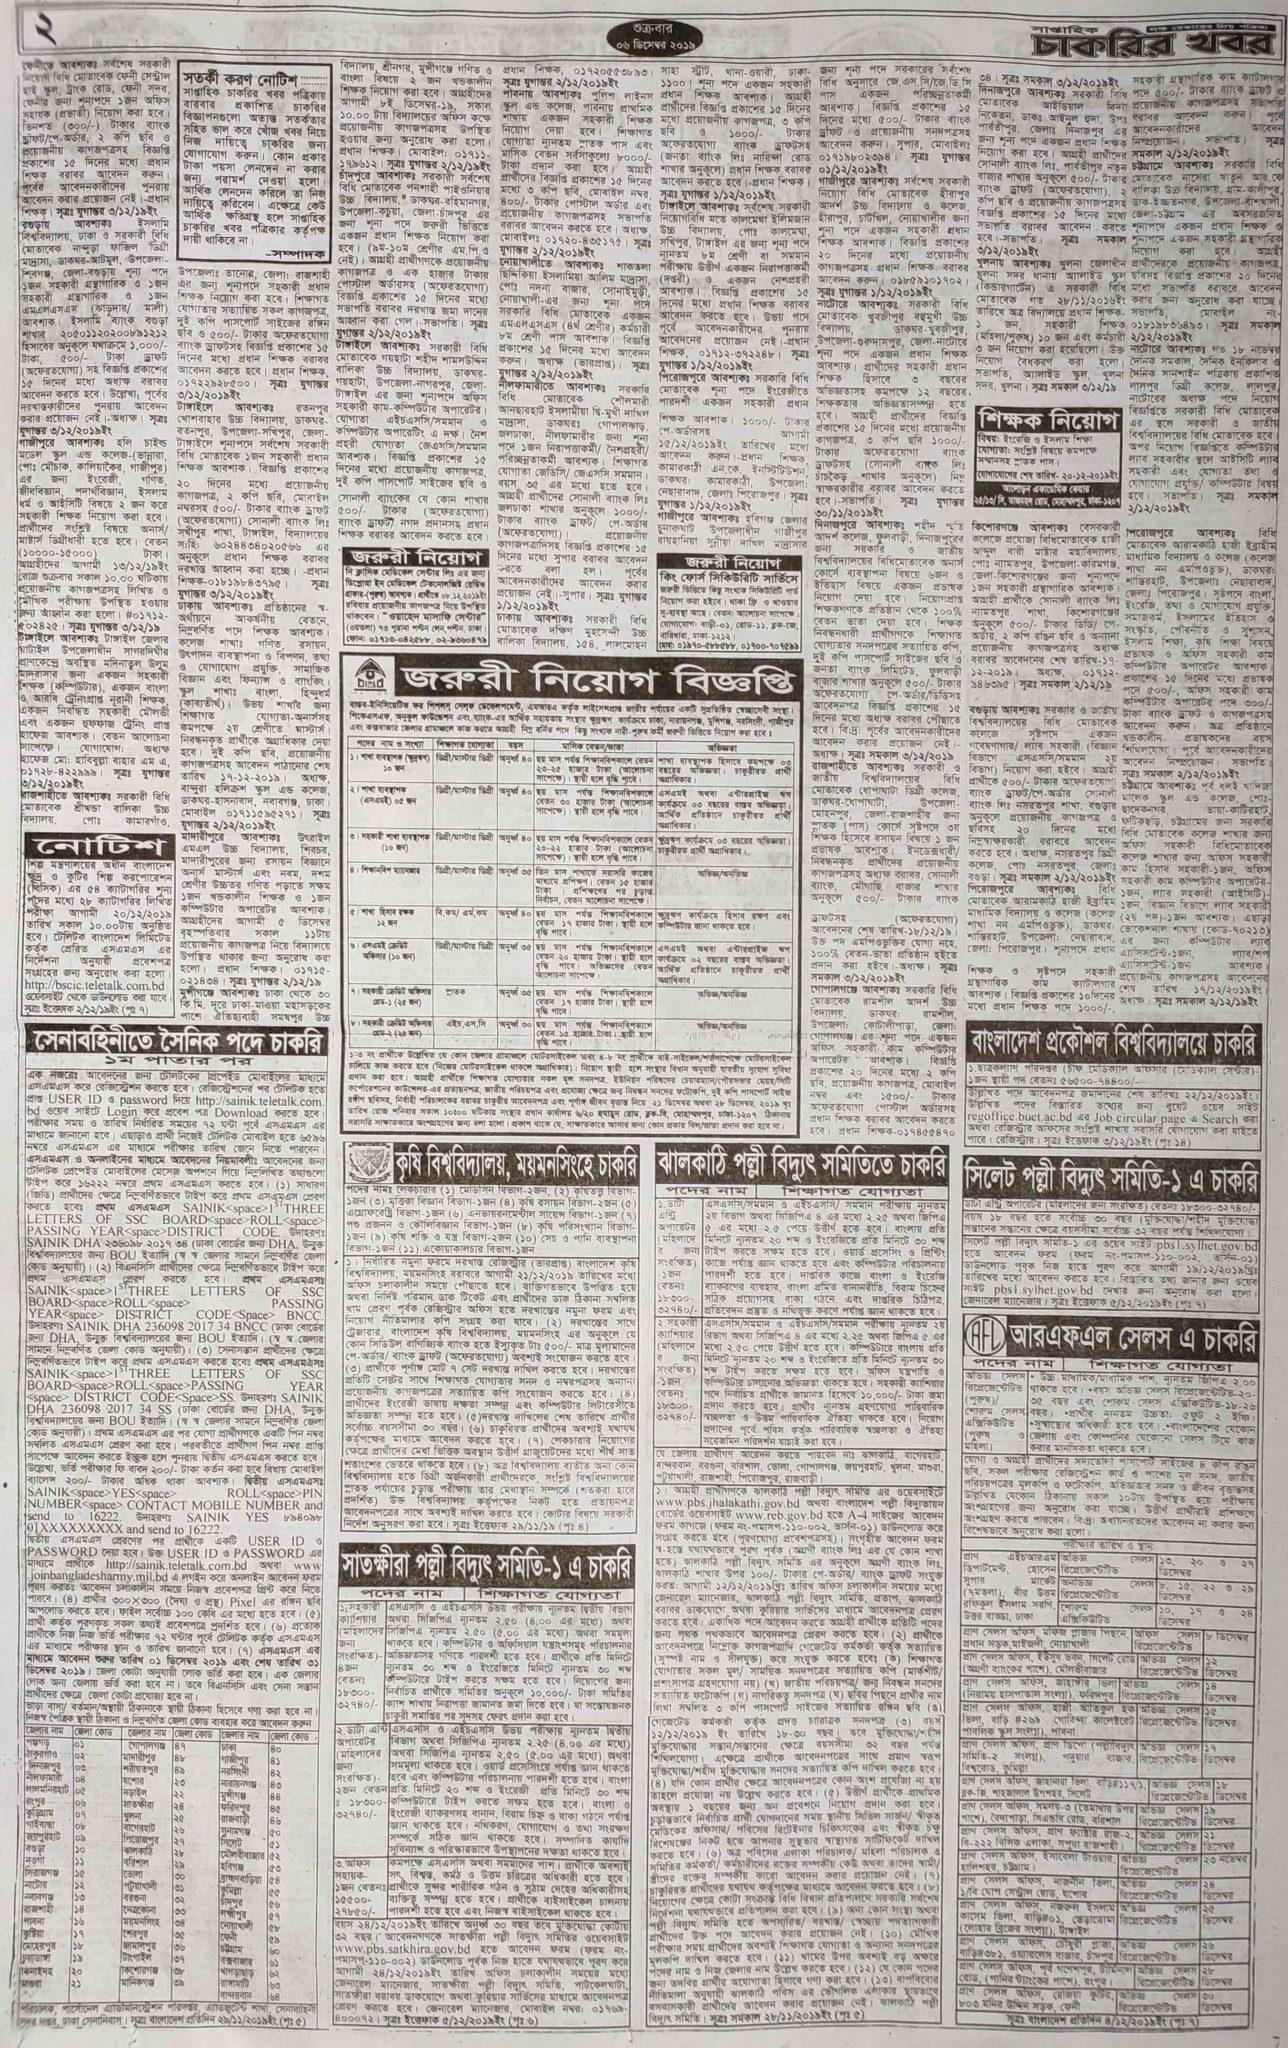 Weekly Job Newspaper 13 December 2019